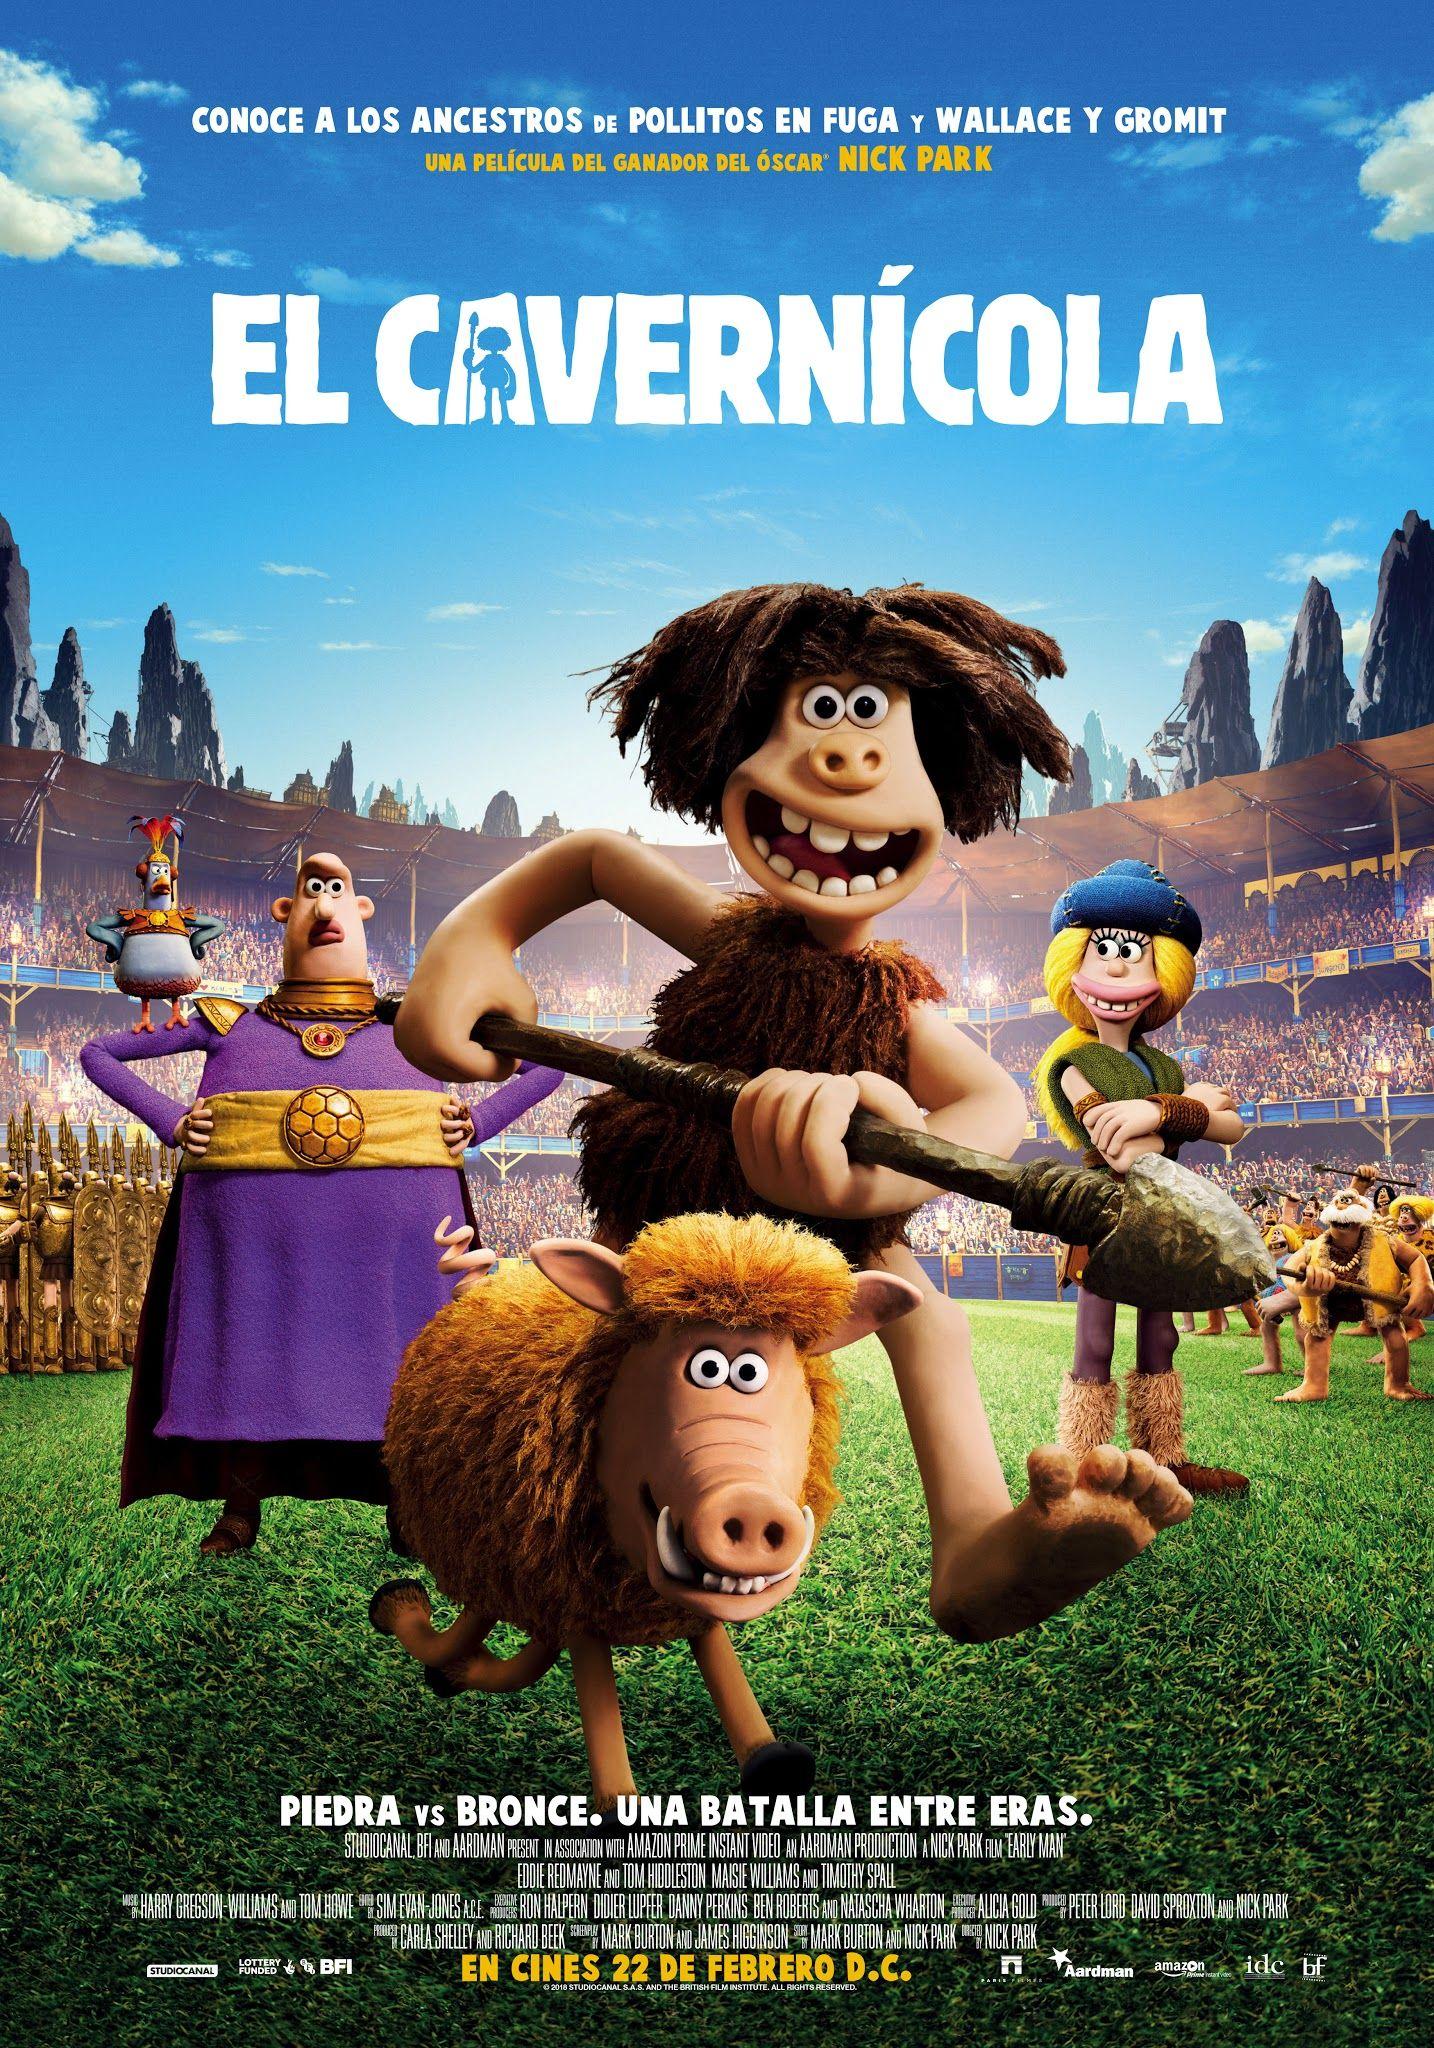 El cavernícola pelicula completa en español latino HD